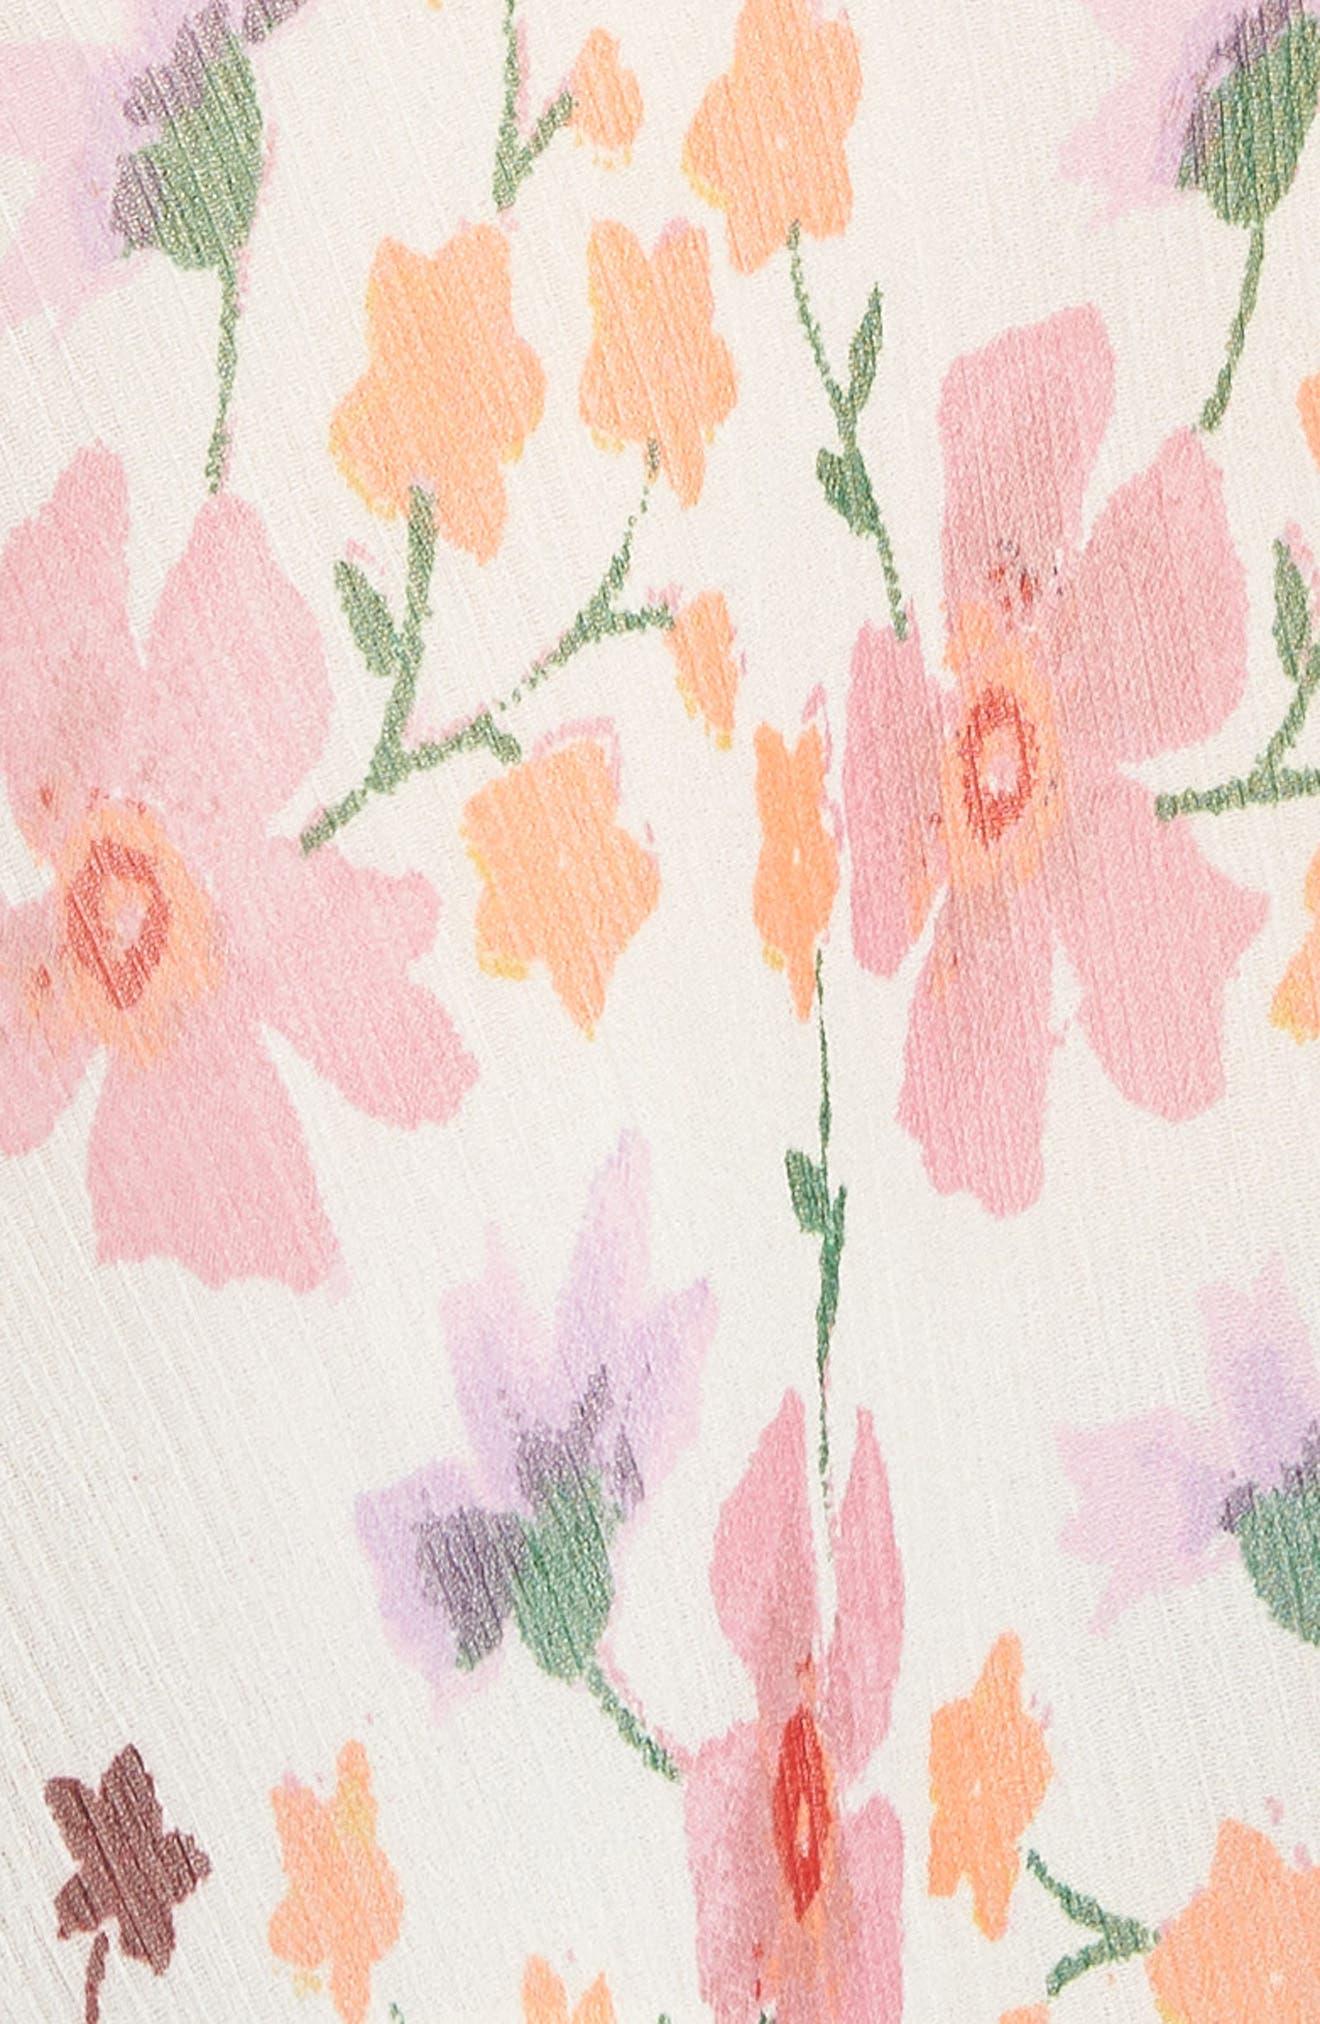 Lucky Cascade Ruffle Floral Tank Top,                             Alternate thumbnail 6, color,                             Multi